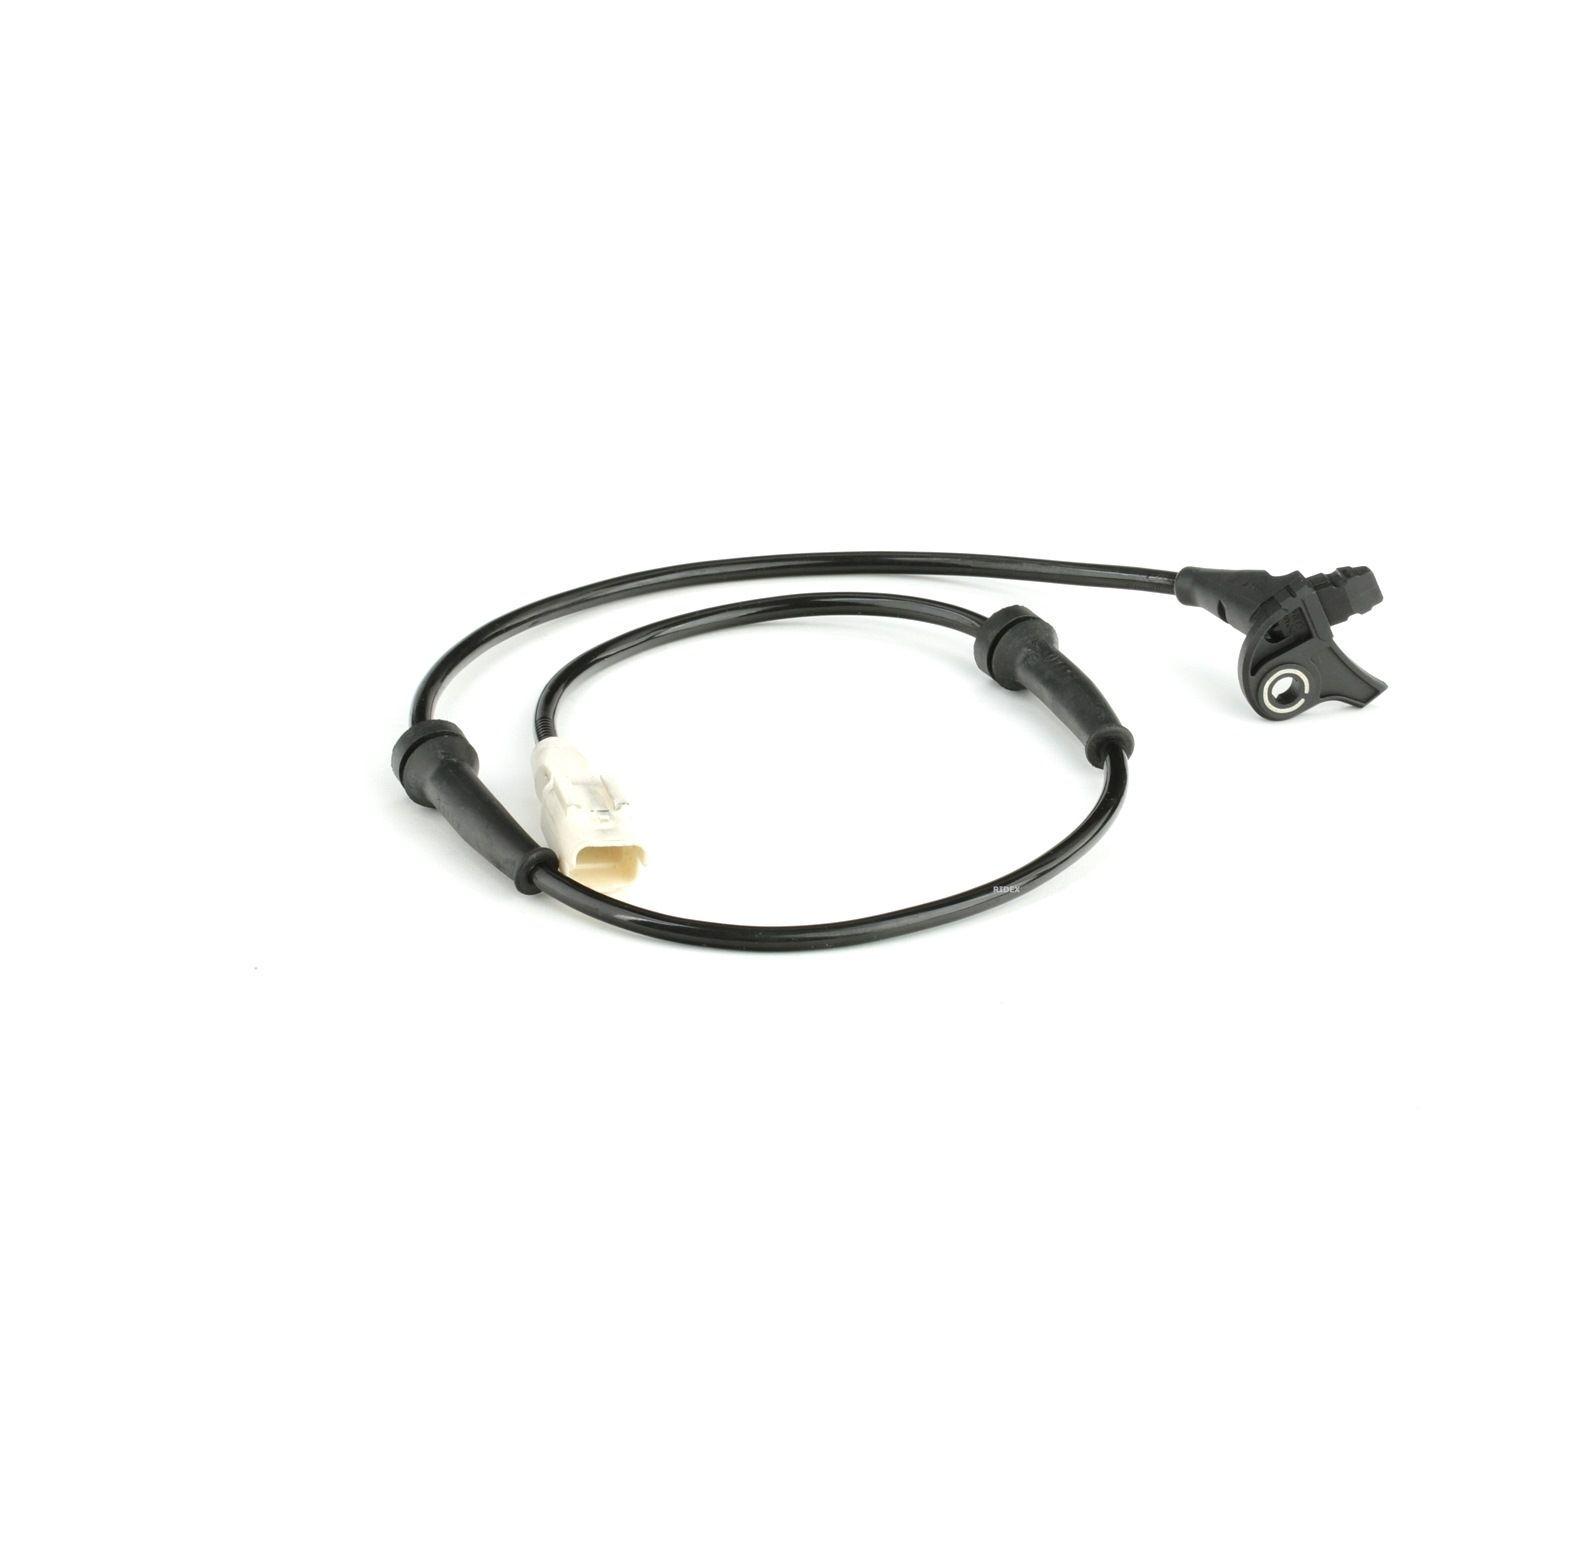 RIDEX Capteur ABS PEUGEOT,CITROËN,DS 412W0054 4545C1,4545K3,4545C1 4545K3,4545C1,4545K3